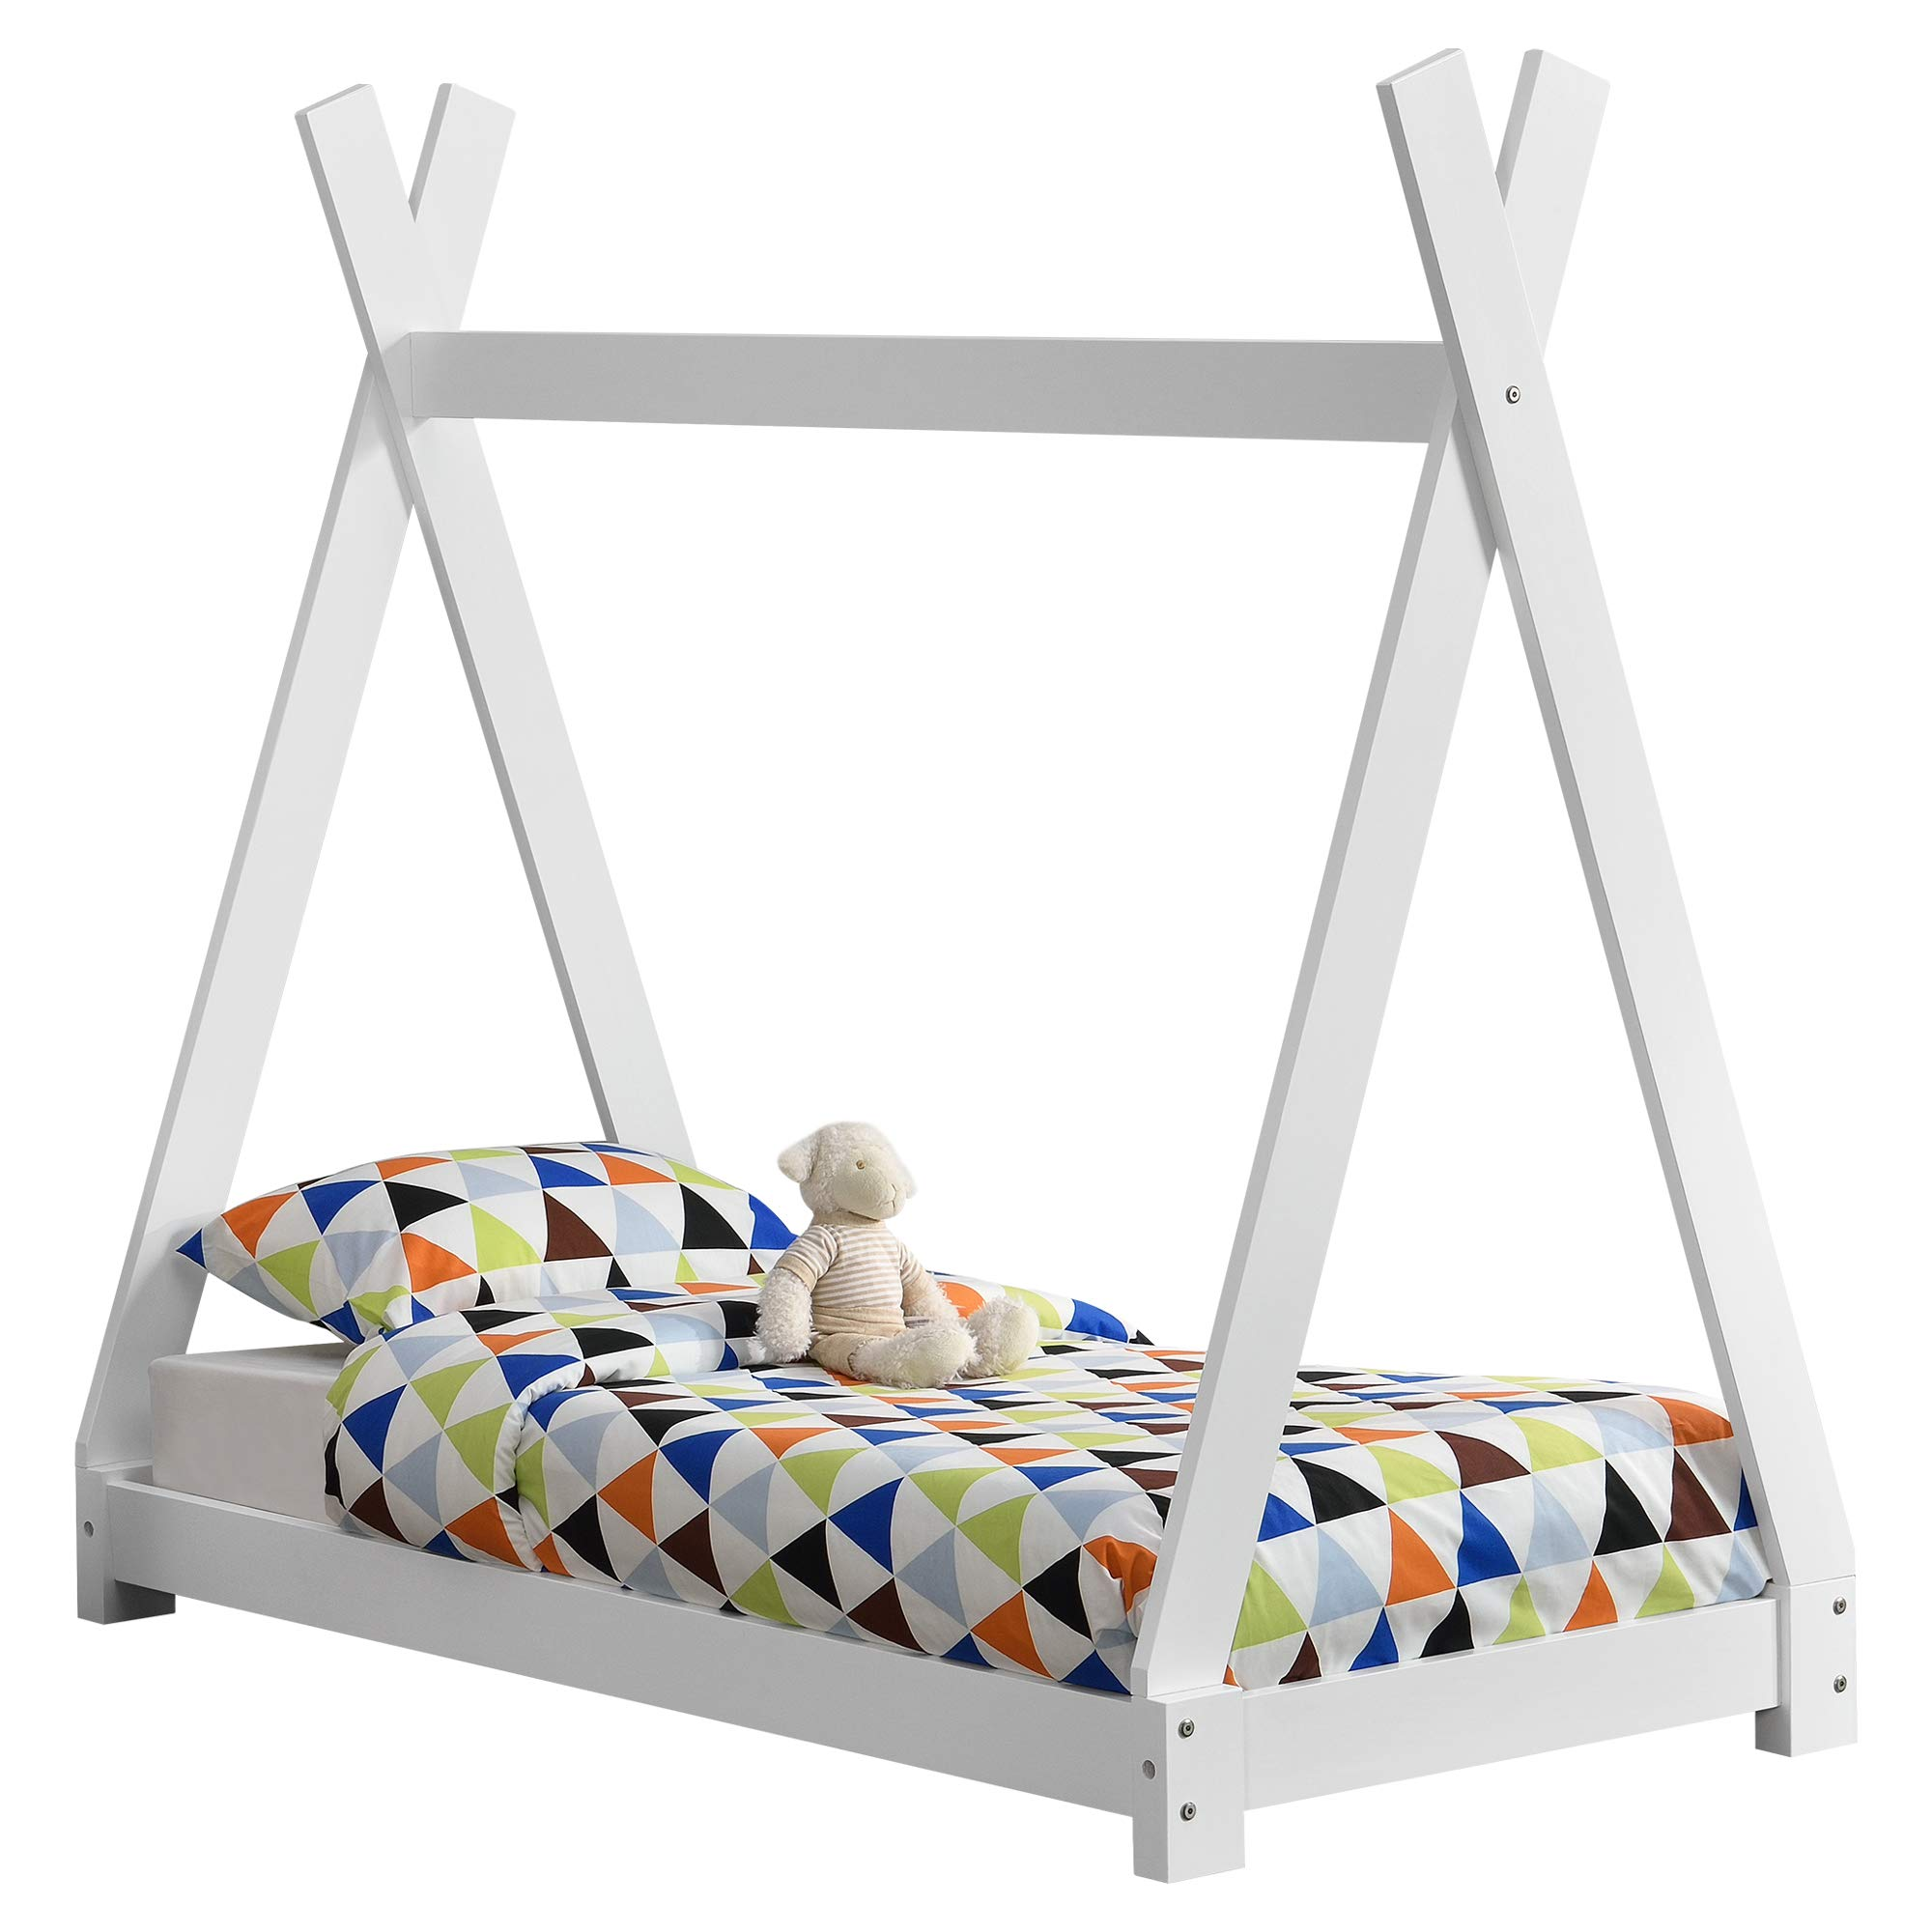 Letto Bambini.En Casa Letto Per Bambini Design Teepee Indiano Lettino A Tenda Legno Di Pino Giochi Legno